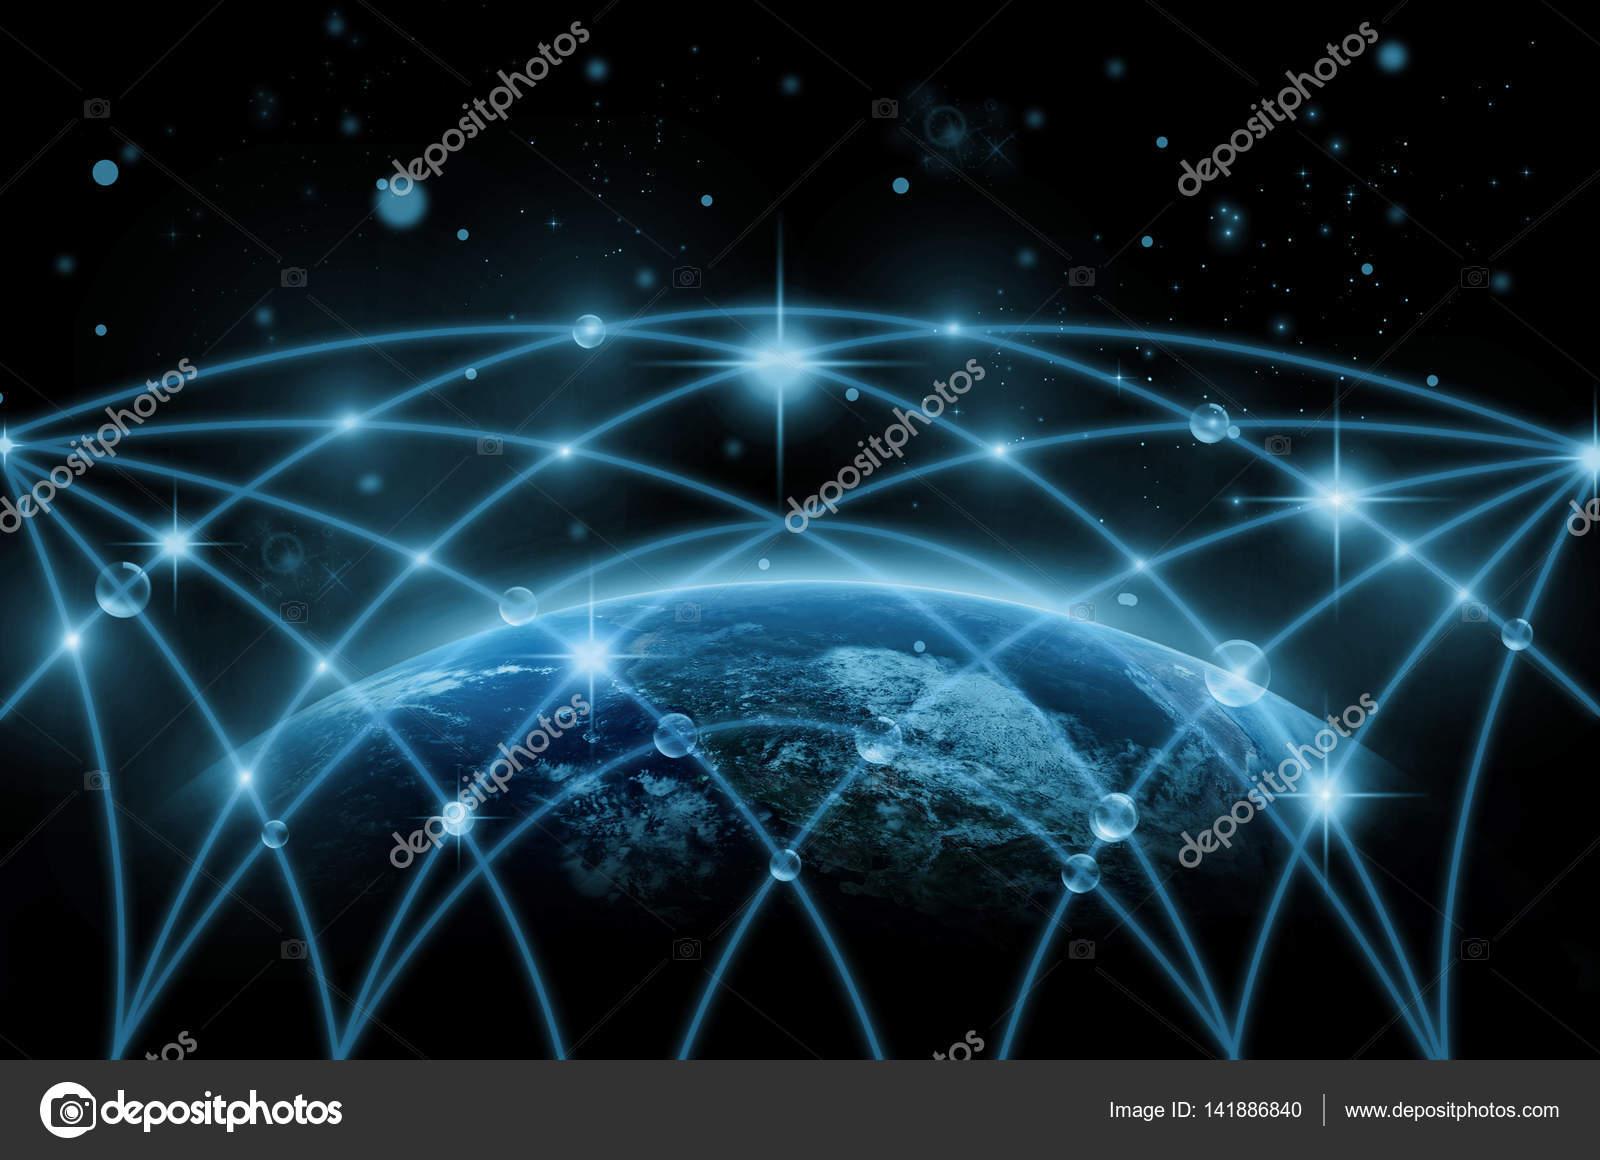 teil der erde mit netzwerkleitung — stockfoto © tzido #141886840